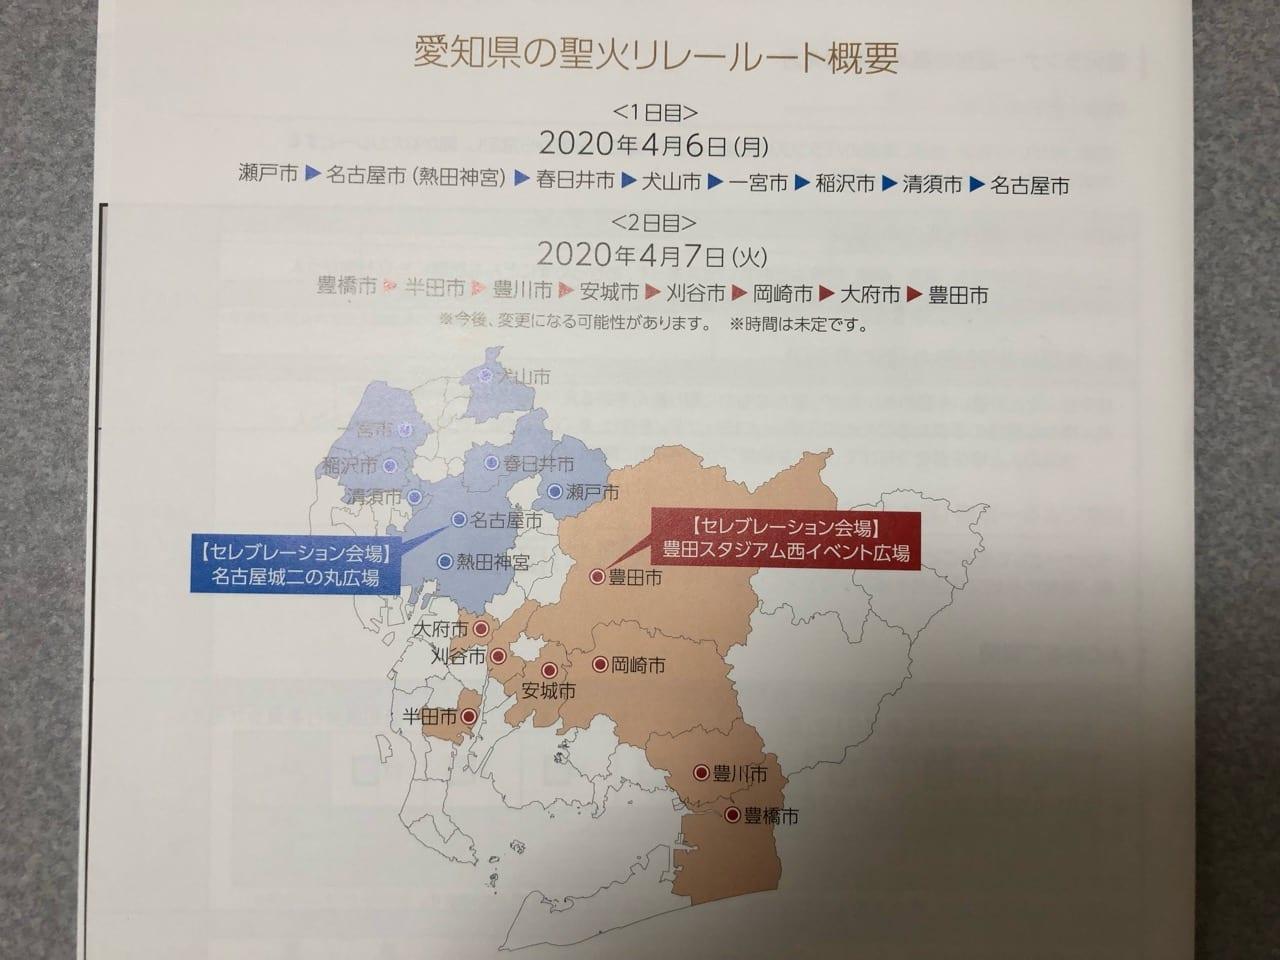 2020東京オリンピック聖火ランナーのルート